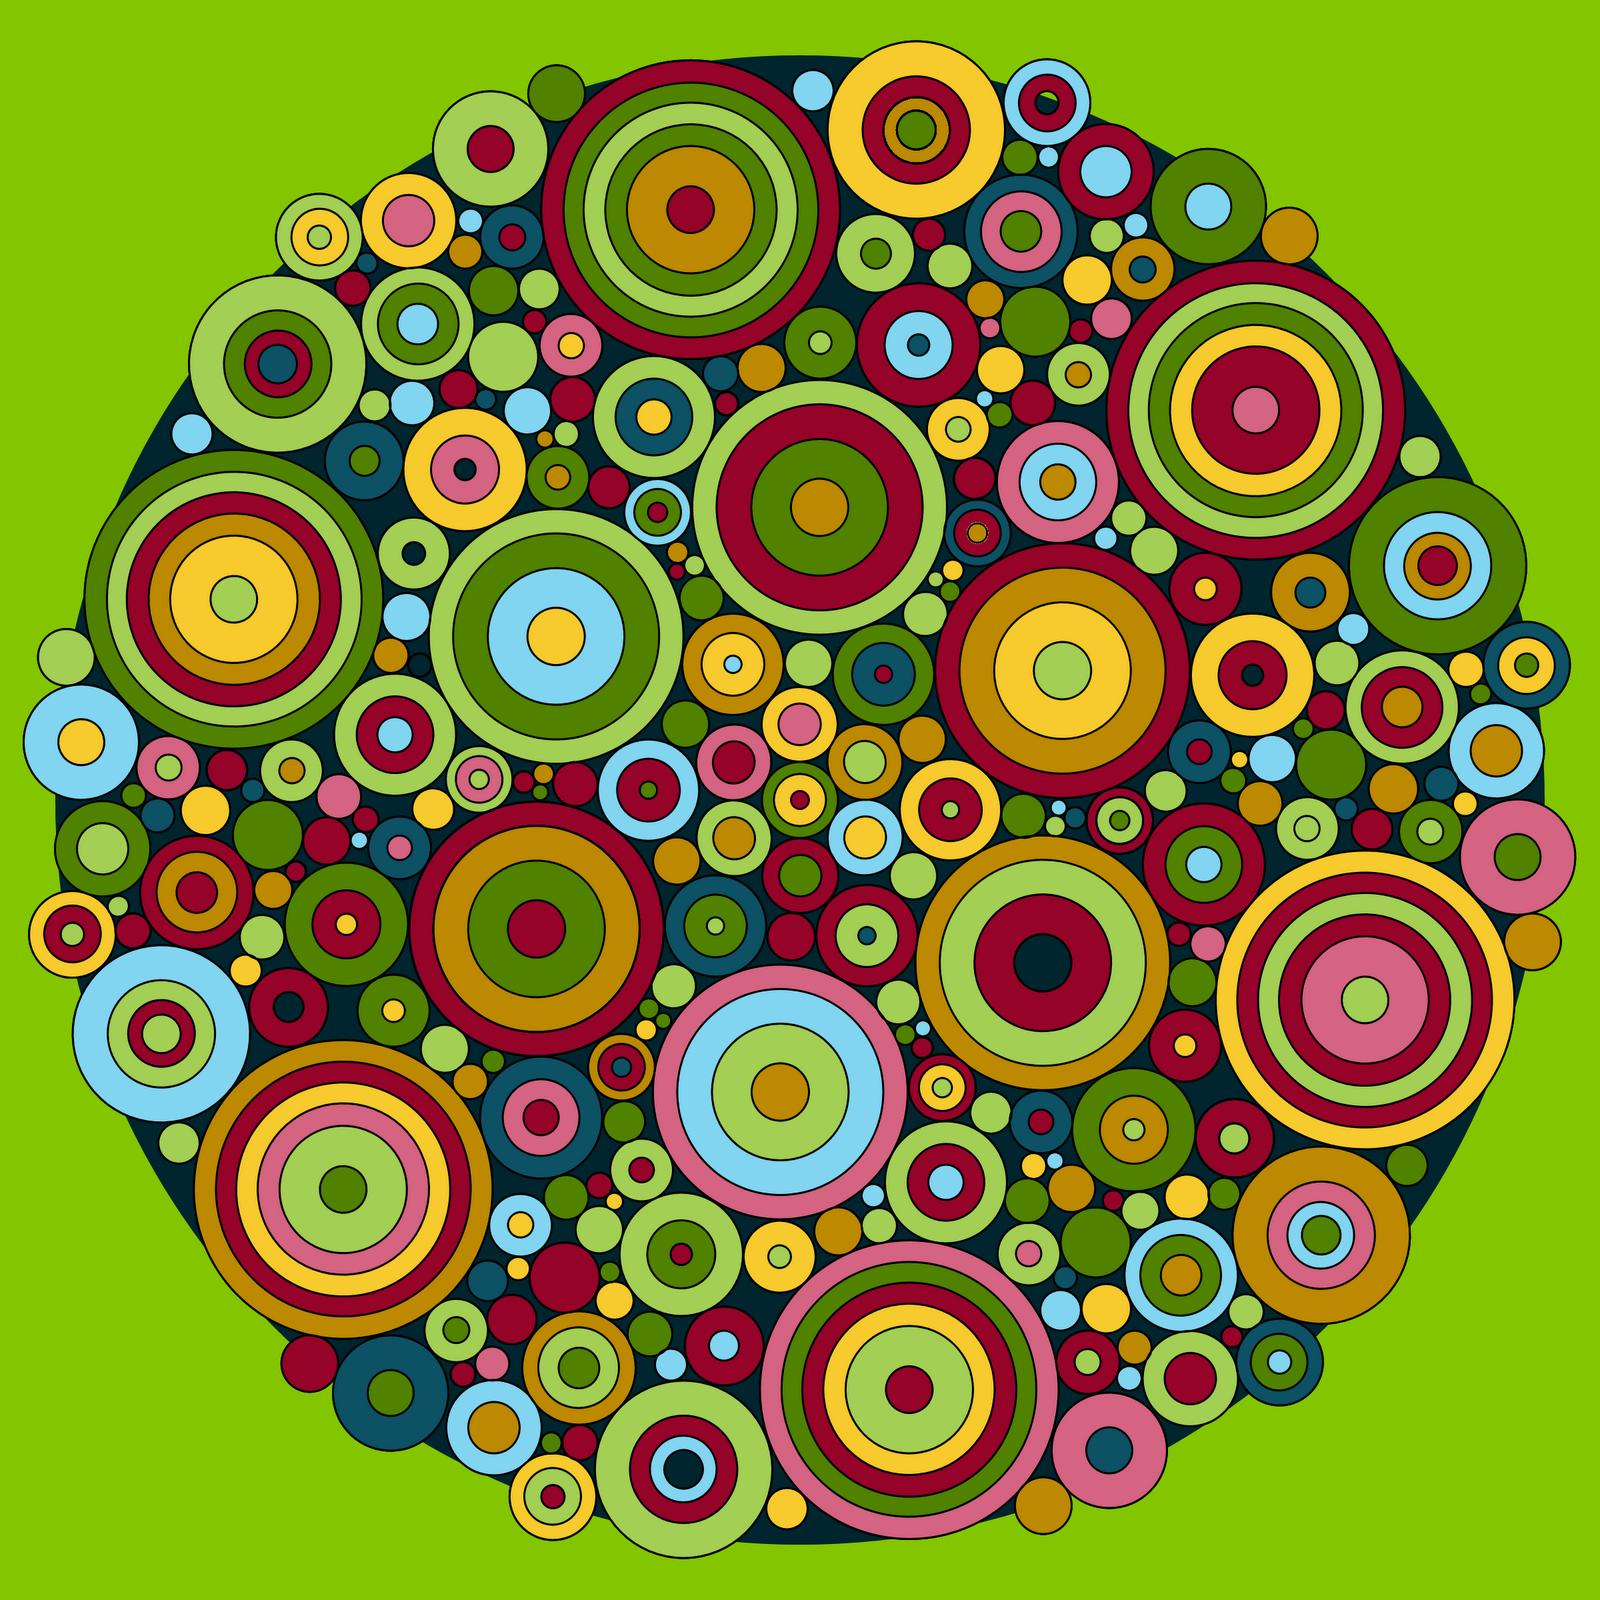 Sobre los psiquiatras - Página 3 Circles_mandala_colored